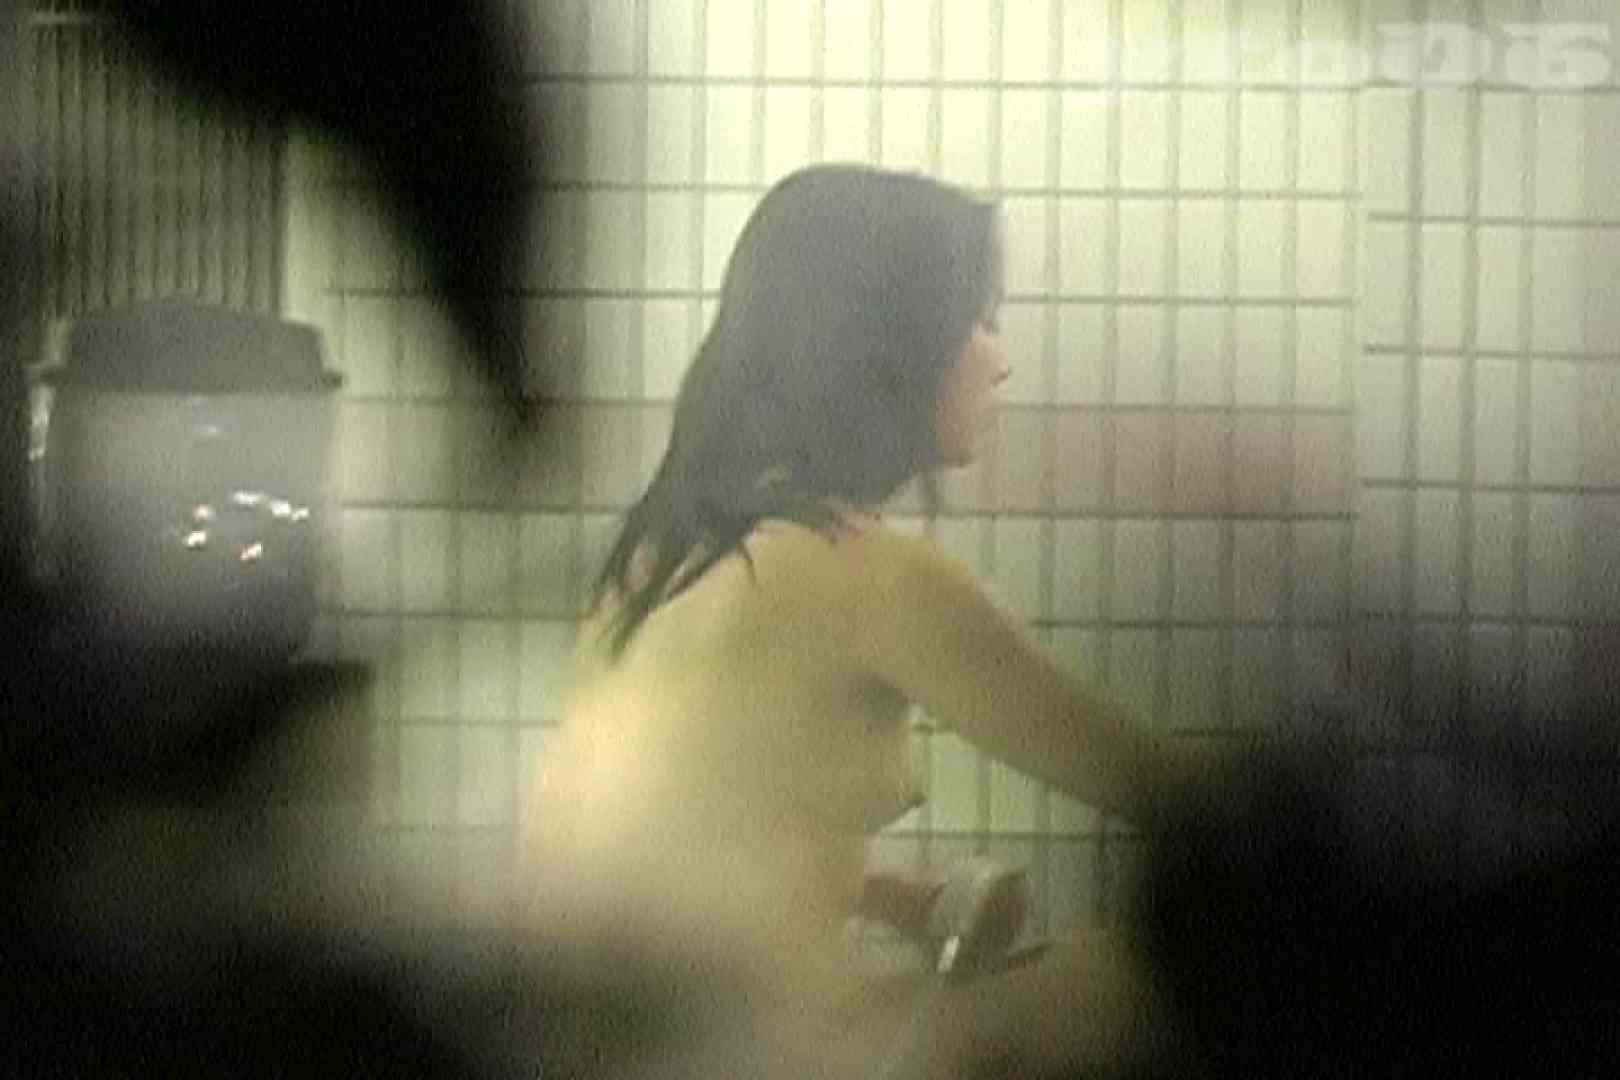 ▲復活限定▲合宿ホテル女風呂盗撮 Vol.36 盗撮  113pic 2